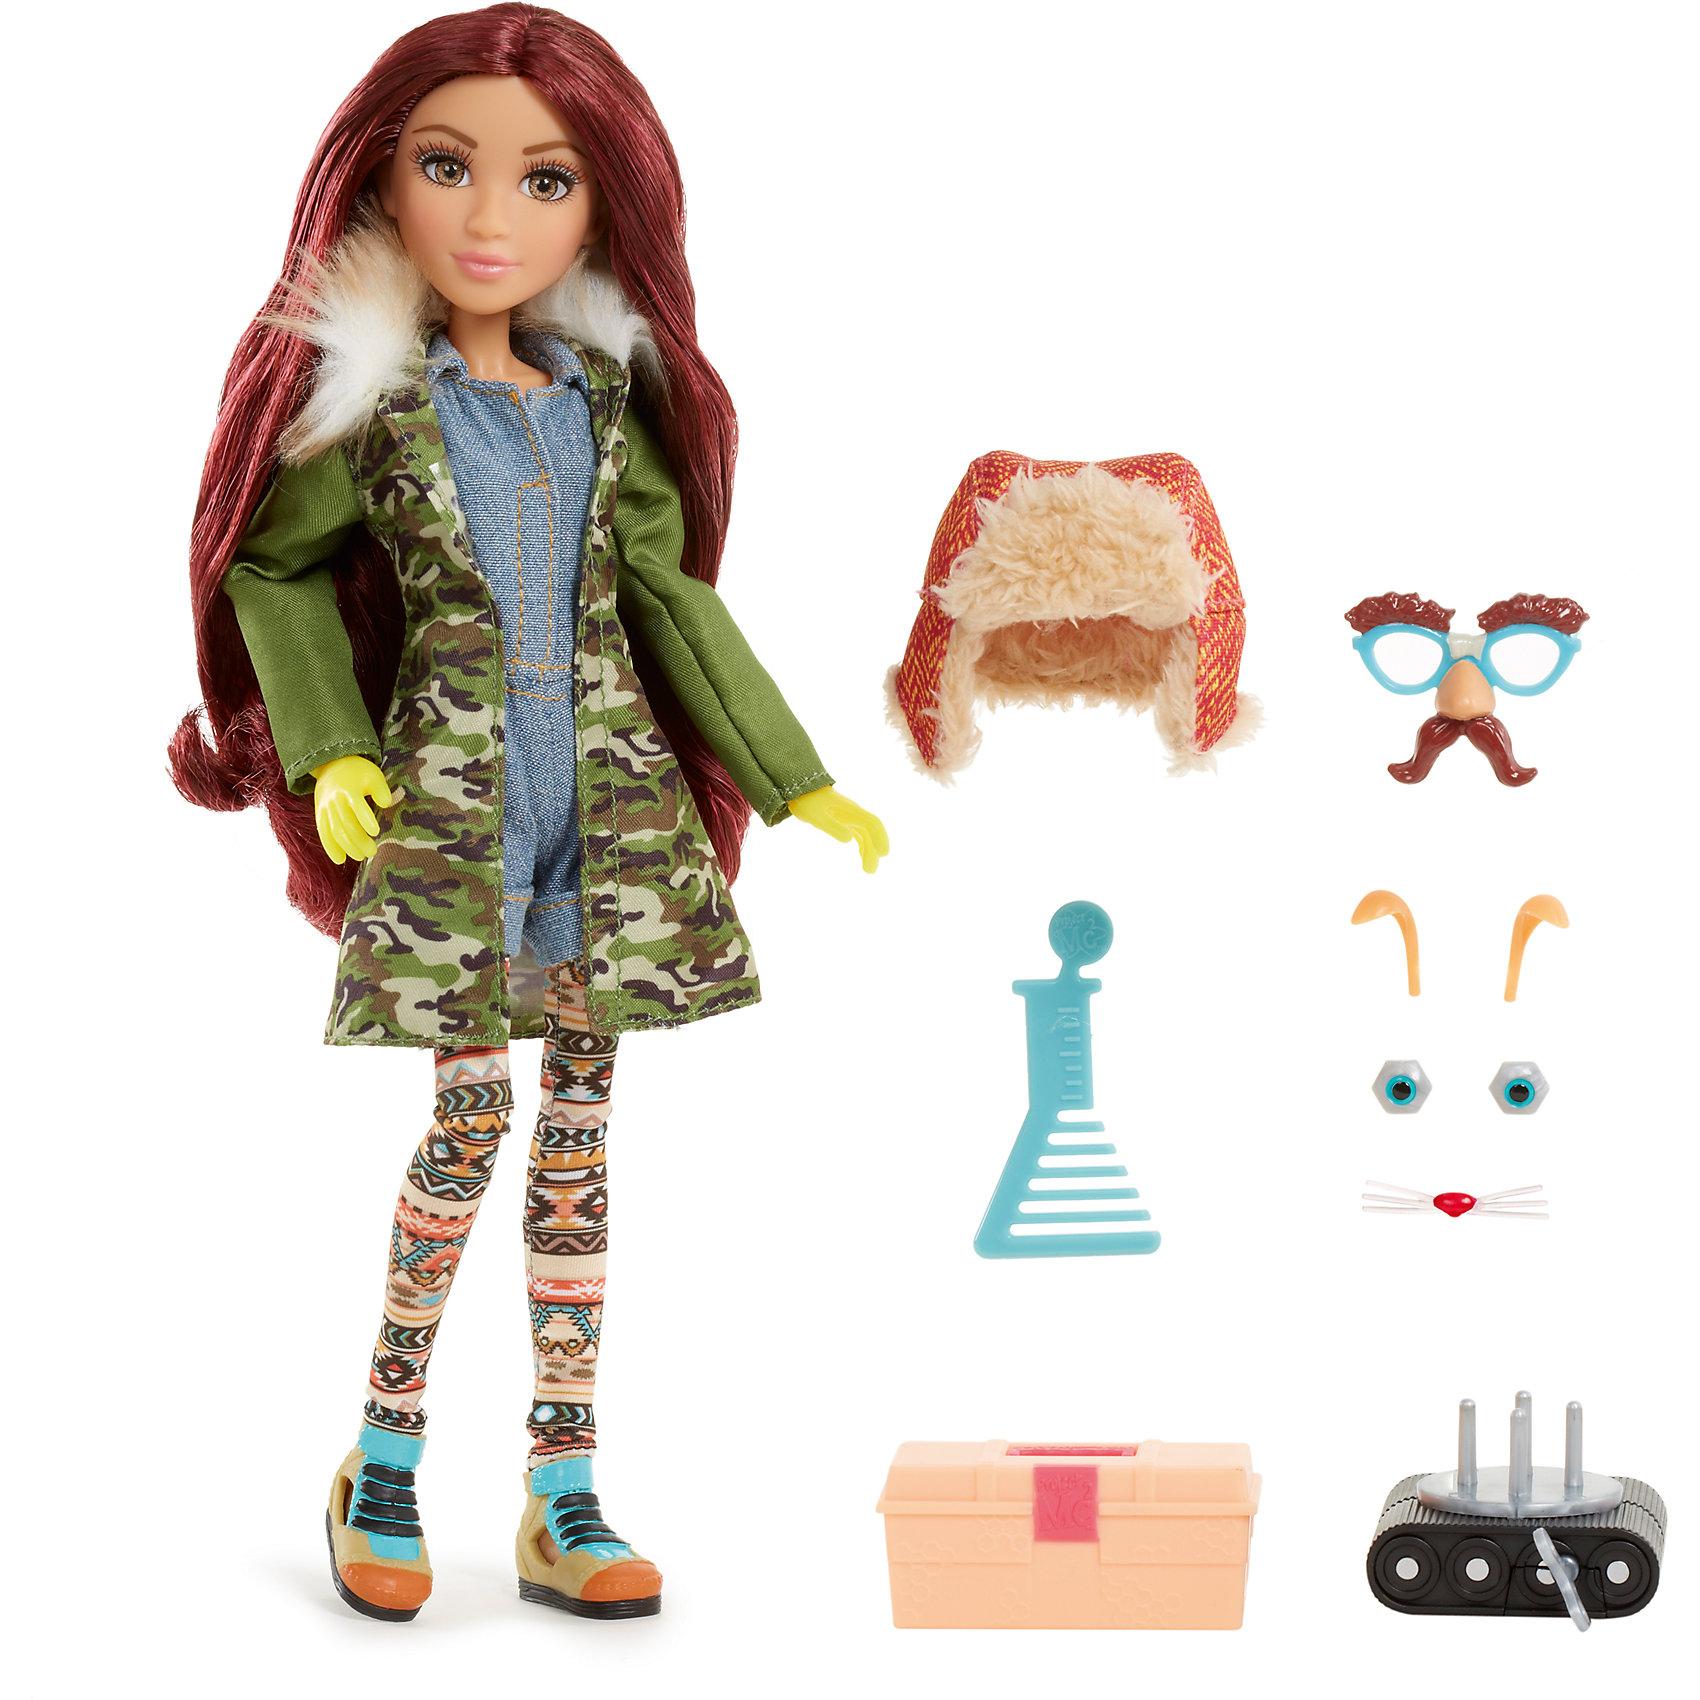 Кукла делюкс Камрин, Project Mс2Мини-куклы<br>Кукла делюкс Камрин, Project Mс2 (Проджект МСи2).<br><br>Характеристики:<br><br>• Размер куклы - 30 см.<br>• Вес: 0,2 кг.<br>• В комплекте: кукла, расческа, маска для маскировки, робот-питомец, чемоданчик.<br>• Материал: пластик, текстиль.<br>• Подвижные суставы: колени, бедра, запястья, локти, плечи, шея.<br><br>Кукла Камрин – это героиня популярного сериала «Project MС2»,девизом которого является «Быть умной – модно!». Камрин одета в пальто цвета хаки, короткий джинсовый комбинезон, на голове у нее теплая шапка-ушанка, на ногах - разноцветные легинсы с этническим узором и ботиночки. Длинные реснички, очень «живые» глазки и выразительные черты лица – придают кукле реалистичный вид. Роскошные, вьющиеся рыжие волосы ваша девочка сможет расчесывать и укладывать в затейливые прически. Такая куколка станет желанным подарком для вашей девочки!<br><br>Куклу делюкс Камрин, Project Mс2 (Проджект МСи2), можно купить в нашем интернет – магазине.<br><br>Ширина мм: 260<br>Глубина мм: 330<br>Высота мм: 70<br>Вес г: 515<br>Возраст от месяцев: 72<br>Возраст до месяцев: 2147483647<br>Пол: Женский<br>Возраст: Детский<br>SKU: 5185765